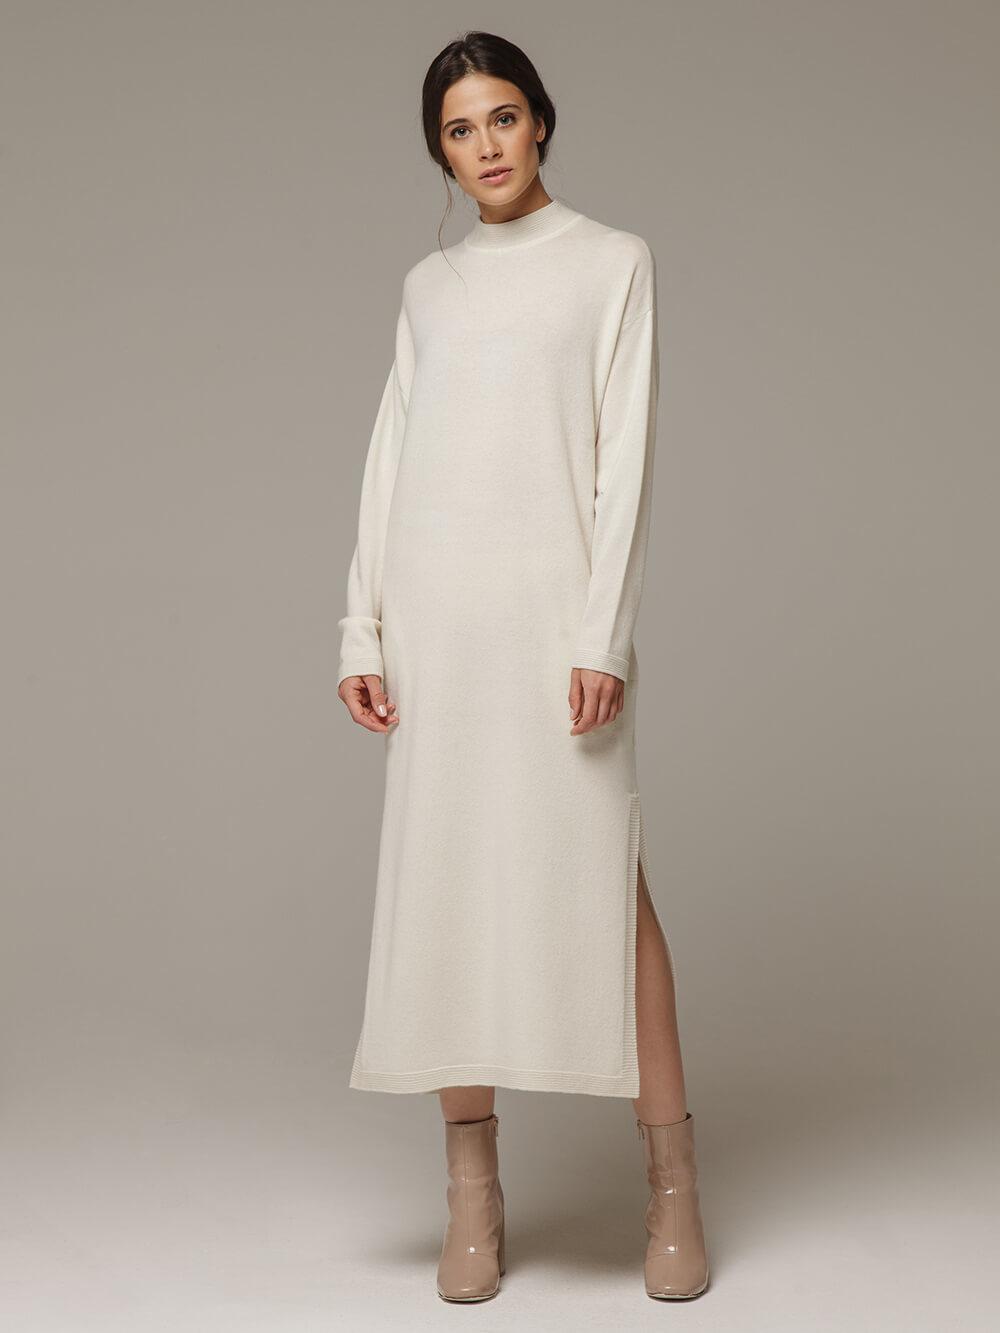 Женское белое платье с разрезами из шерсти и кашемира - фото 1